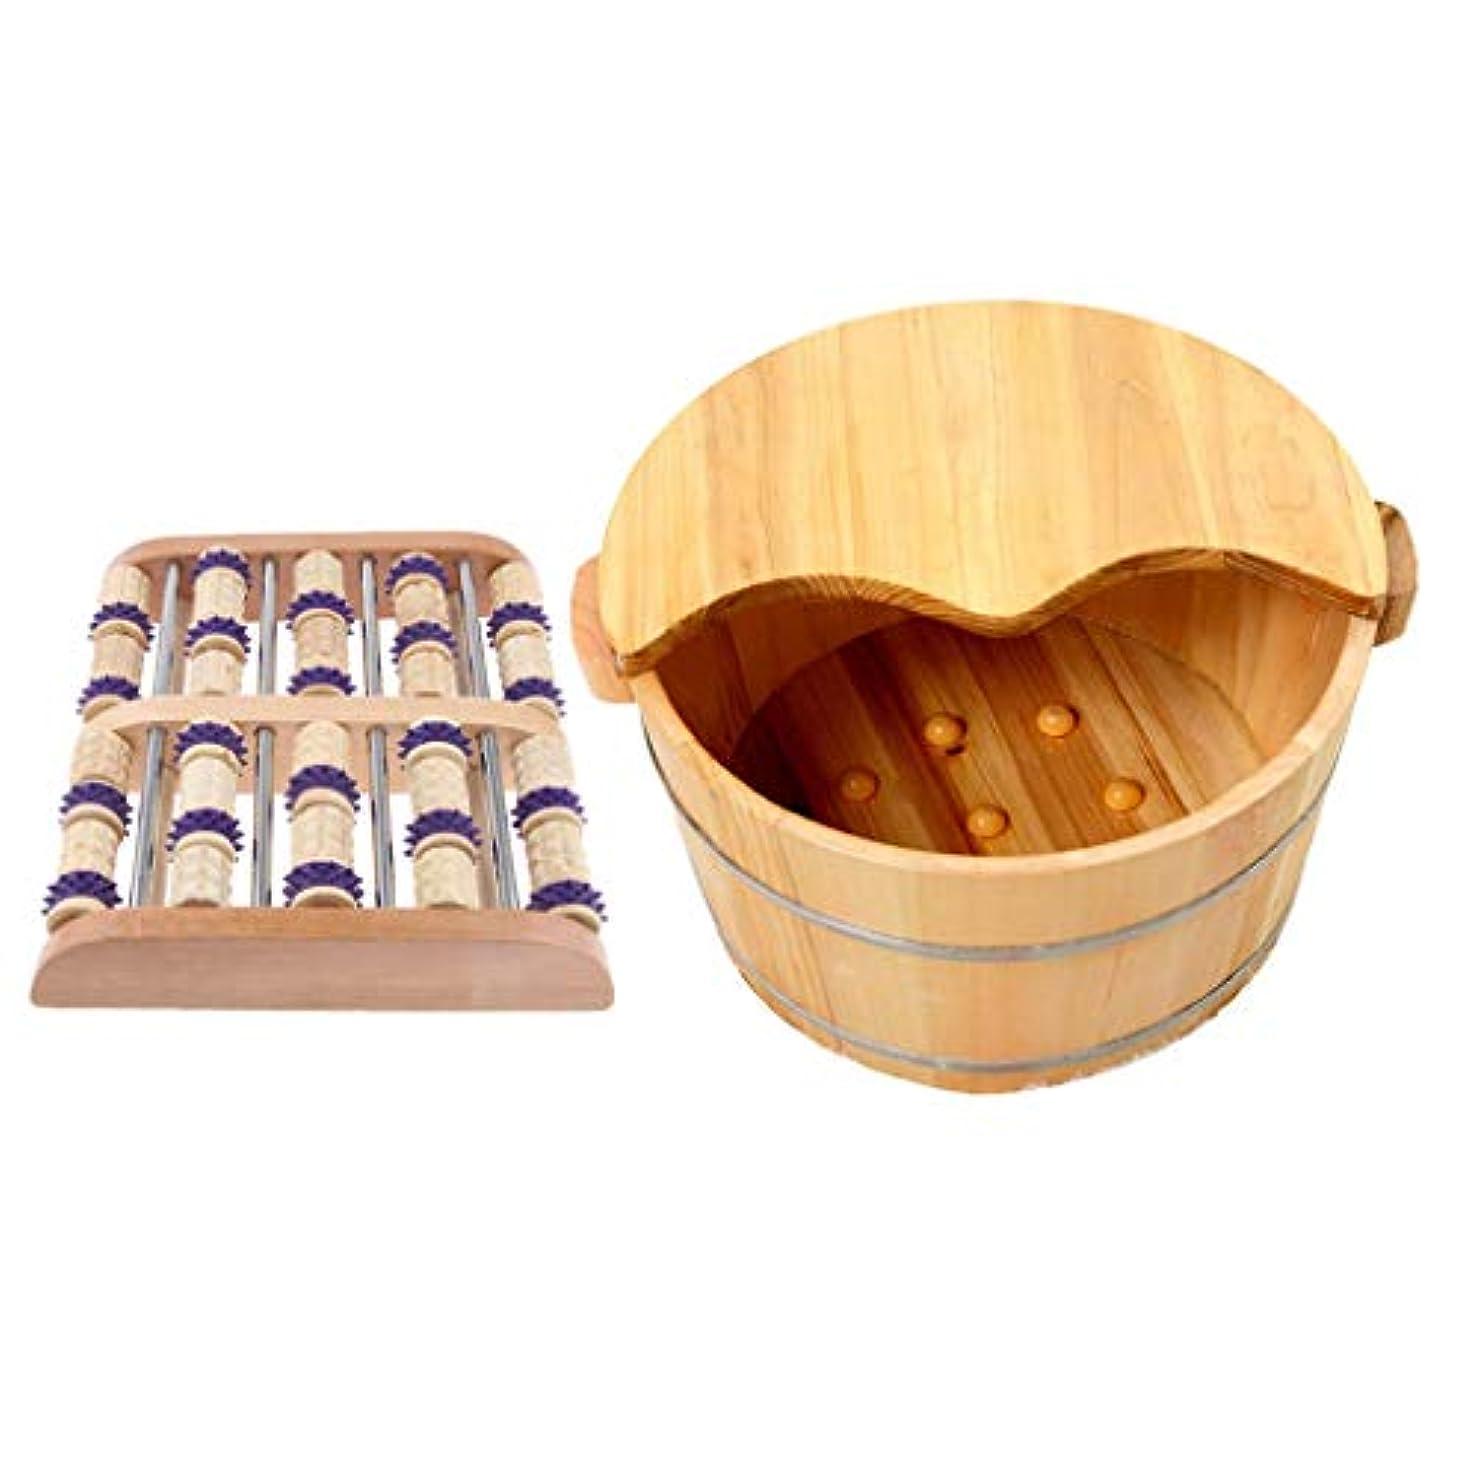 平凡ベース家具D DOLITY ウッド足つぼマッサージ ローラー 手作り フットマッサー 木製の足の洗面台付き 足裏 ツボ押し